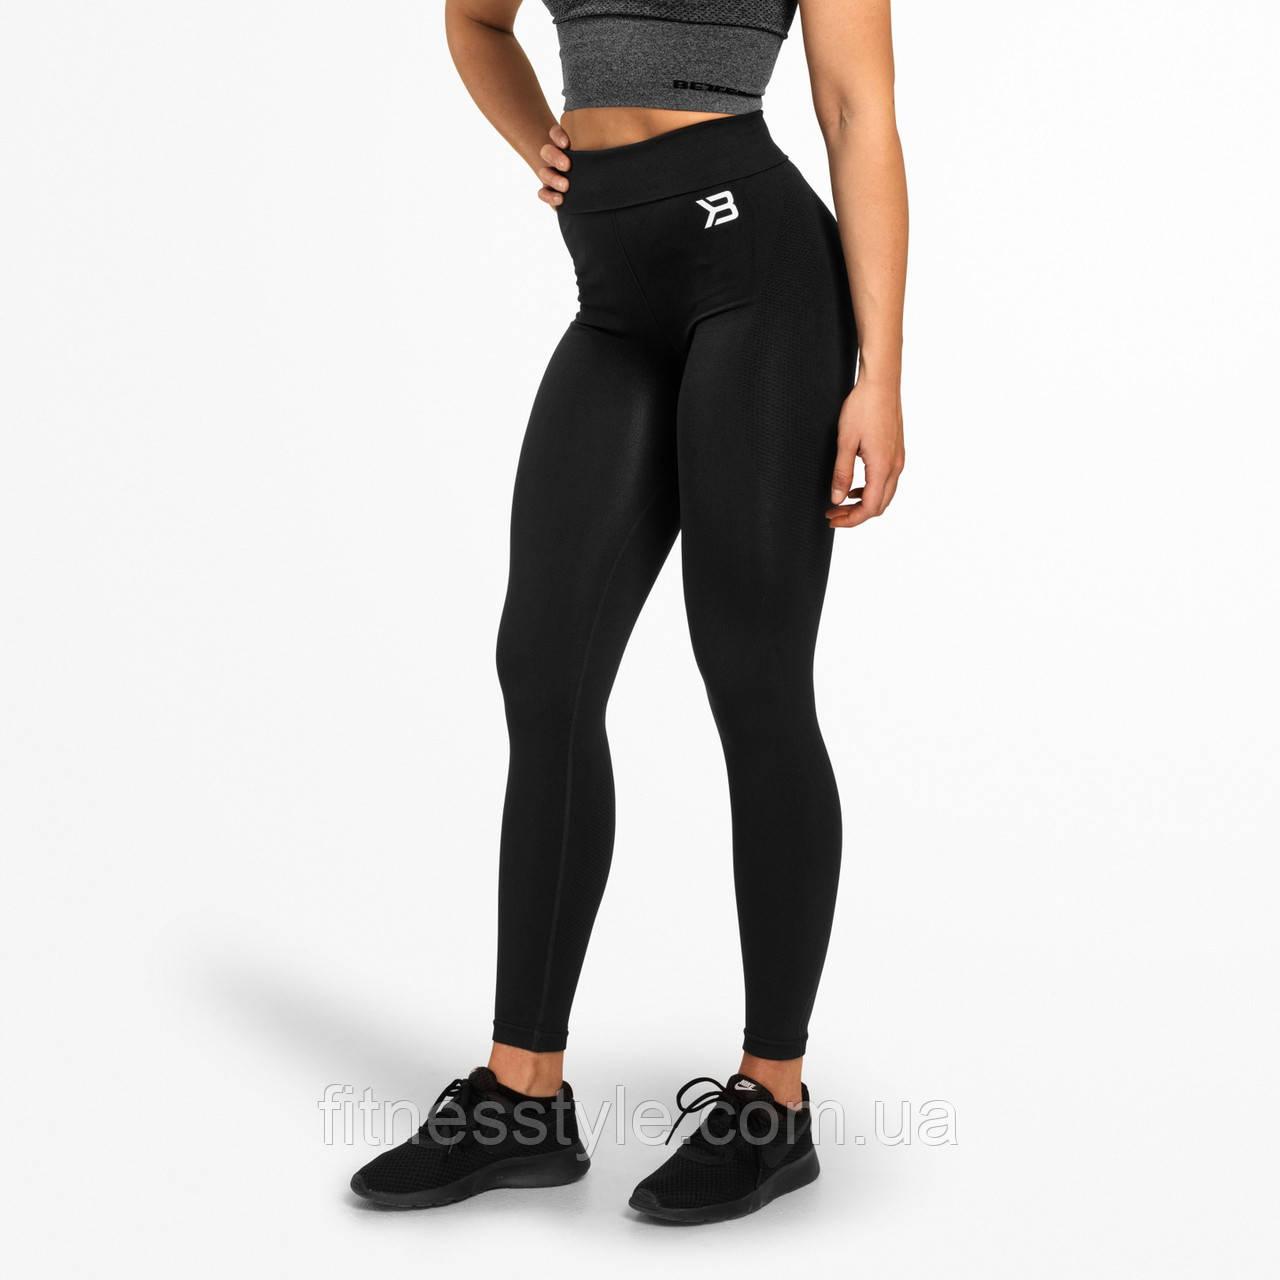 Спортивні жіночі Better Bodies Rockaway tights, Black